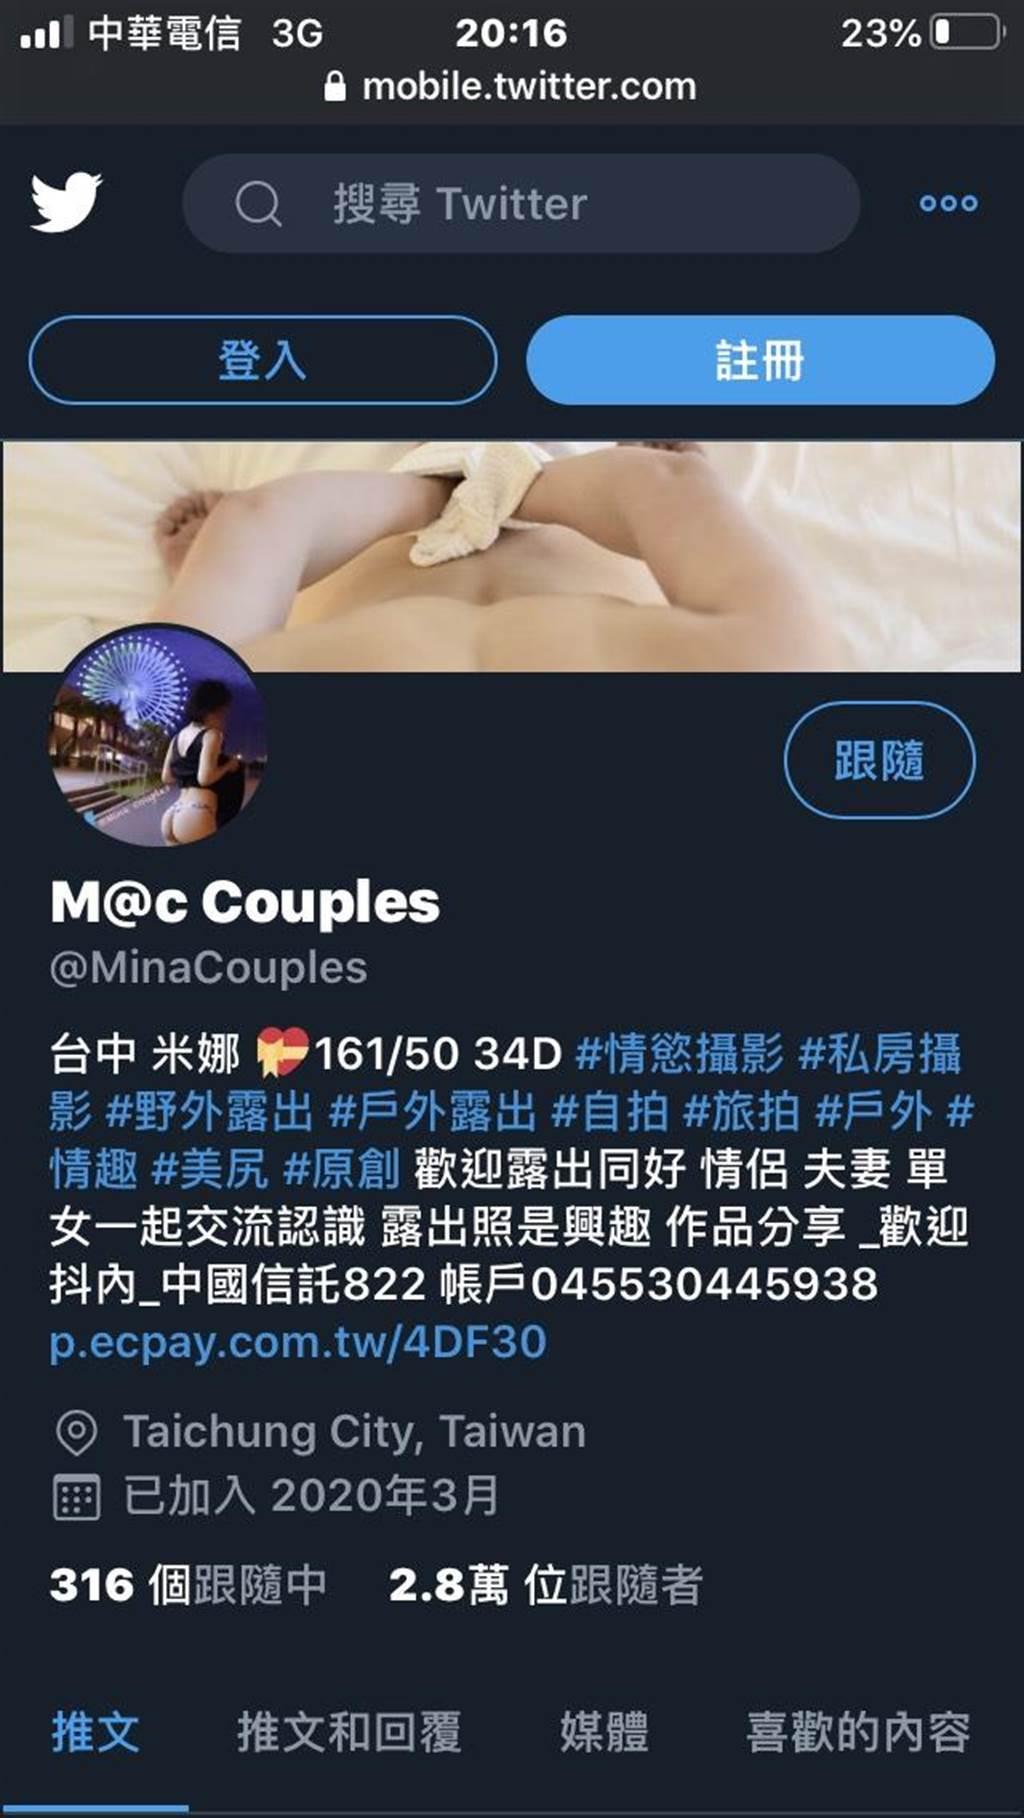 警方指出,「台中米娜」在Twitter的帳號已關閉,她自述除IKEA外,在三井outlet,及家樂福等知名賣場,都曾經有拍攝裸體照。(警方提供/陳世宗台中傳真)